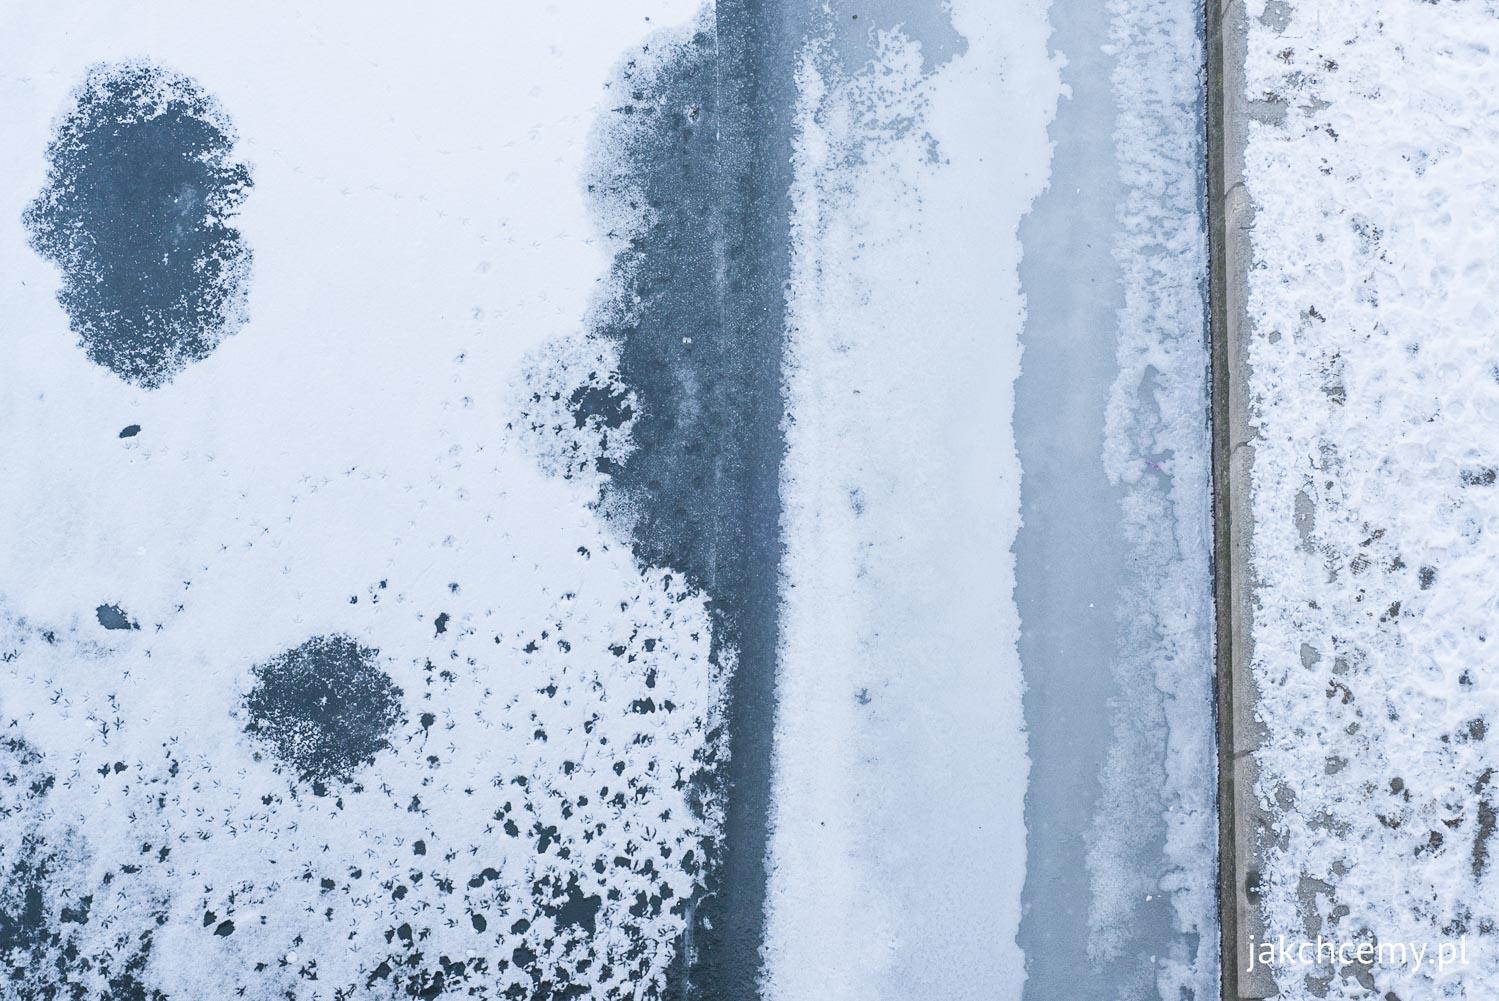 Wisła, brzeg, ślady, ptaki, ludzie, lód